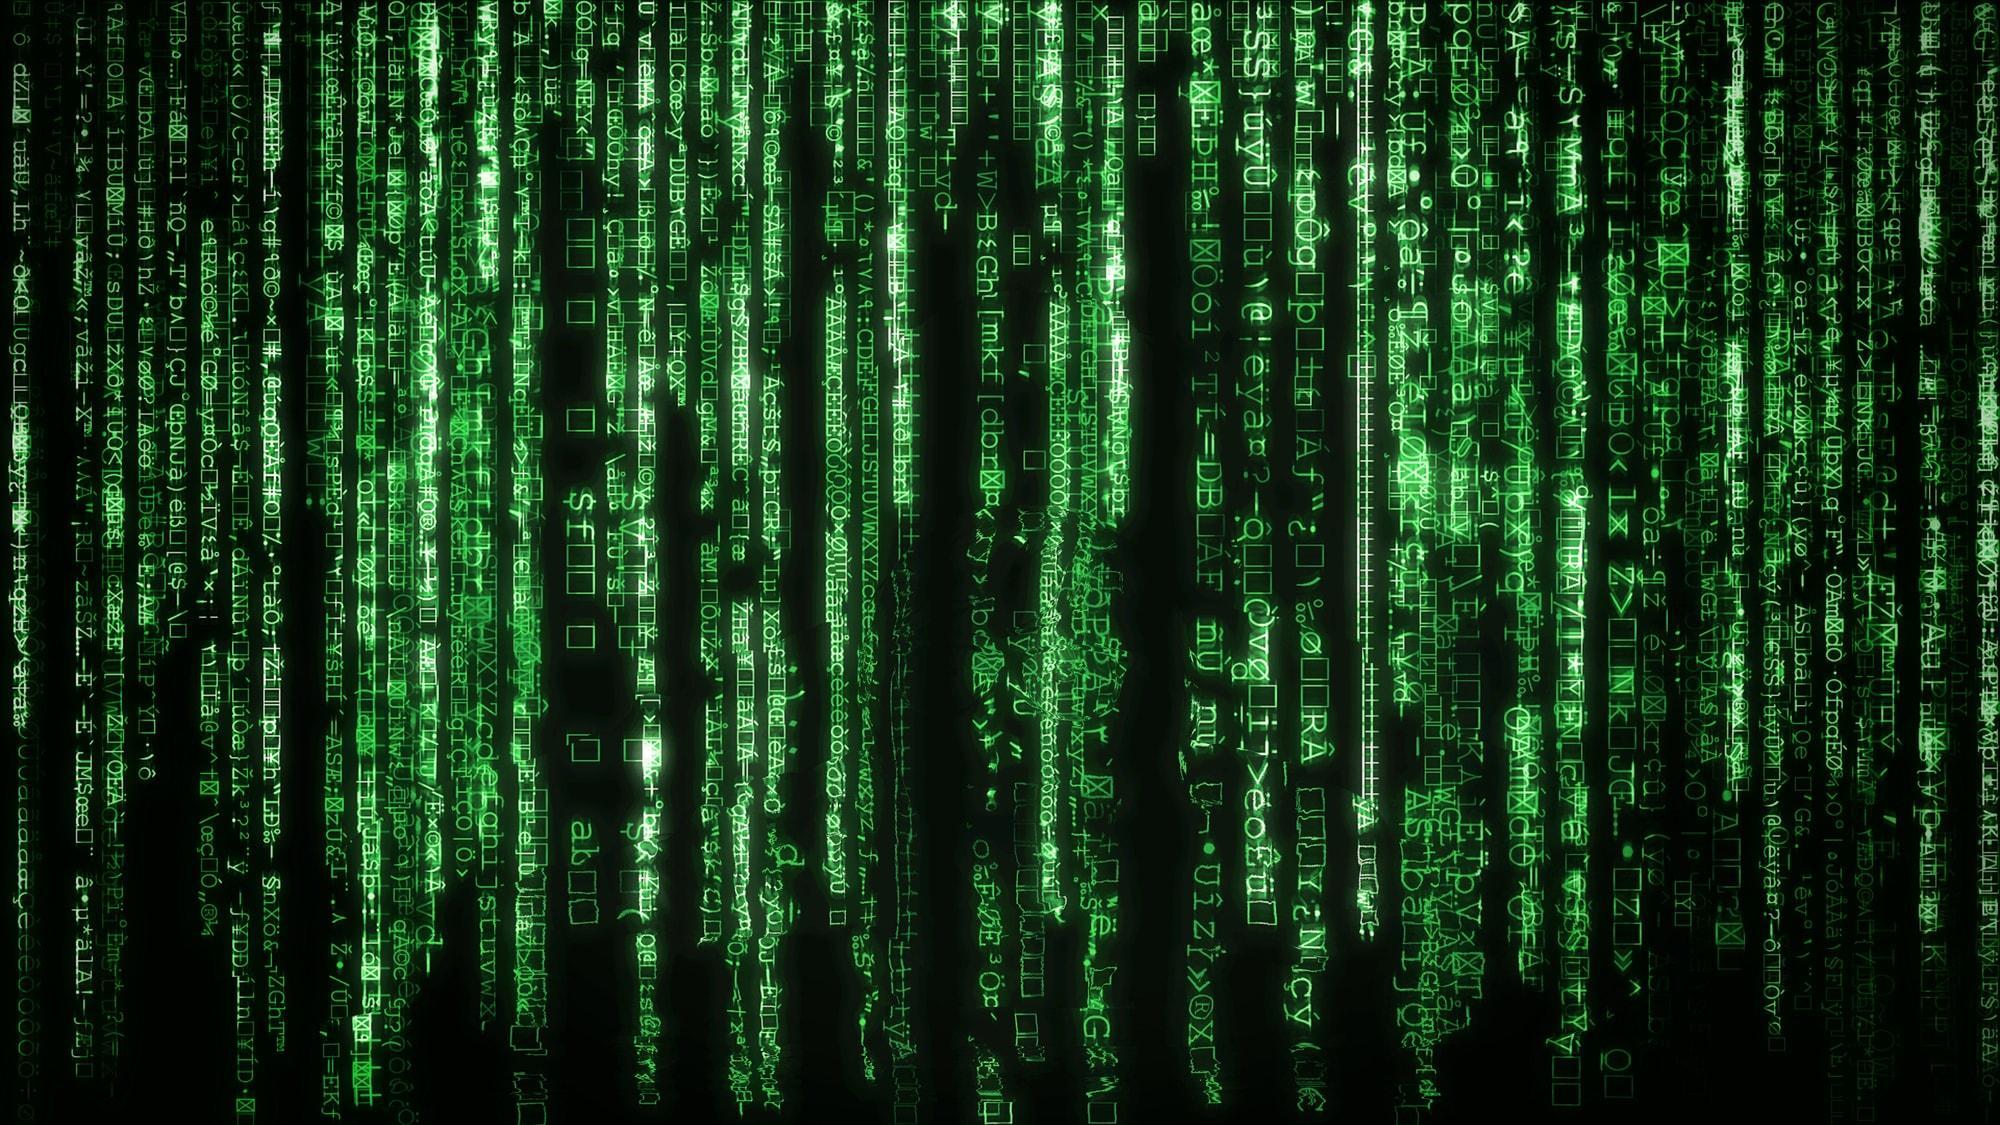 Премьера «Матрицы 4» состоится раньше, чем планировалось